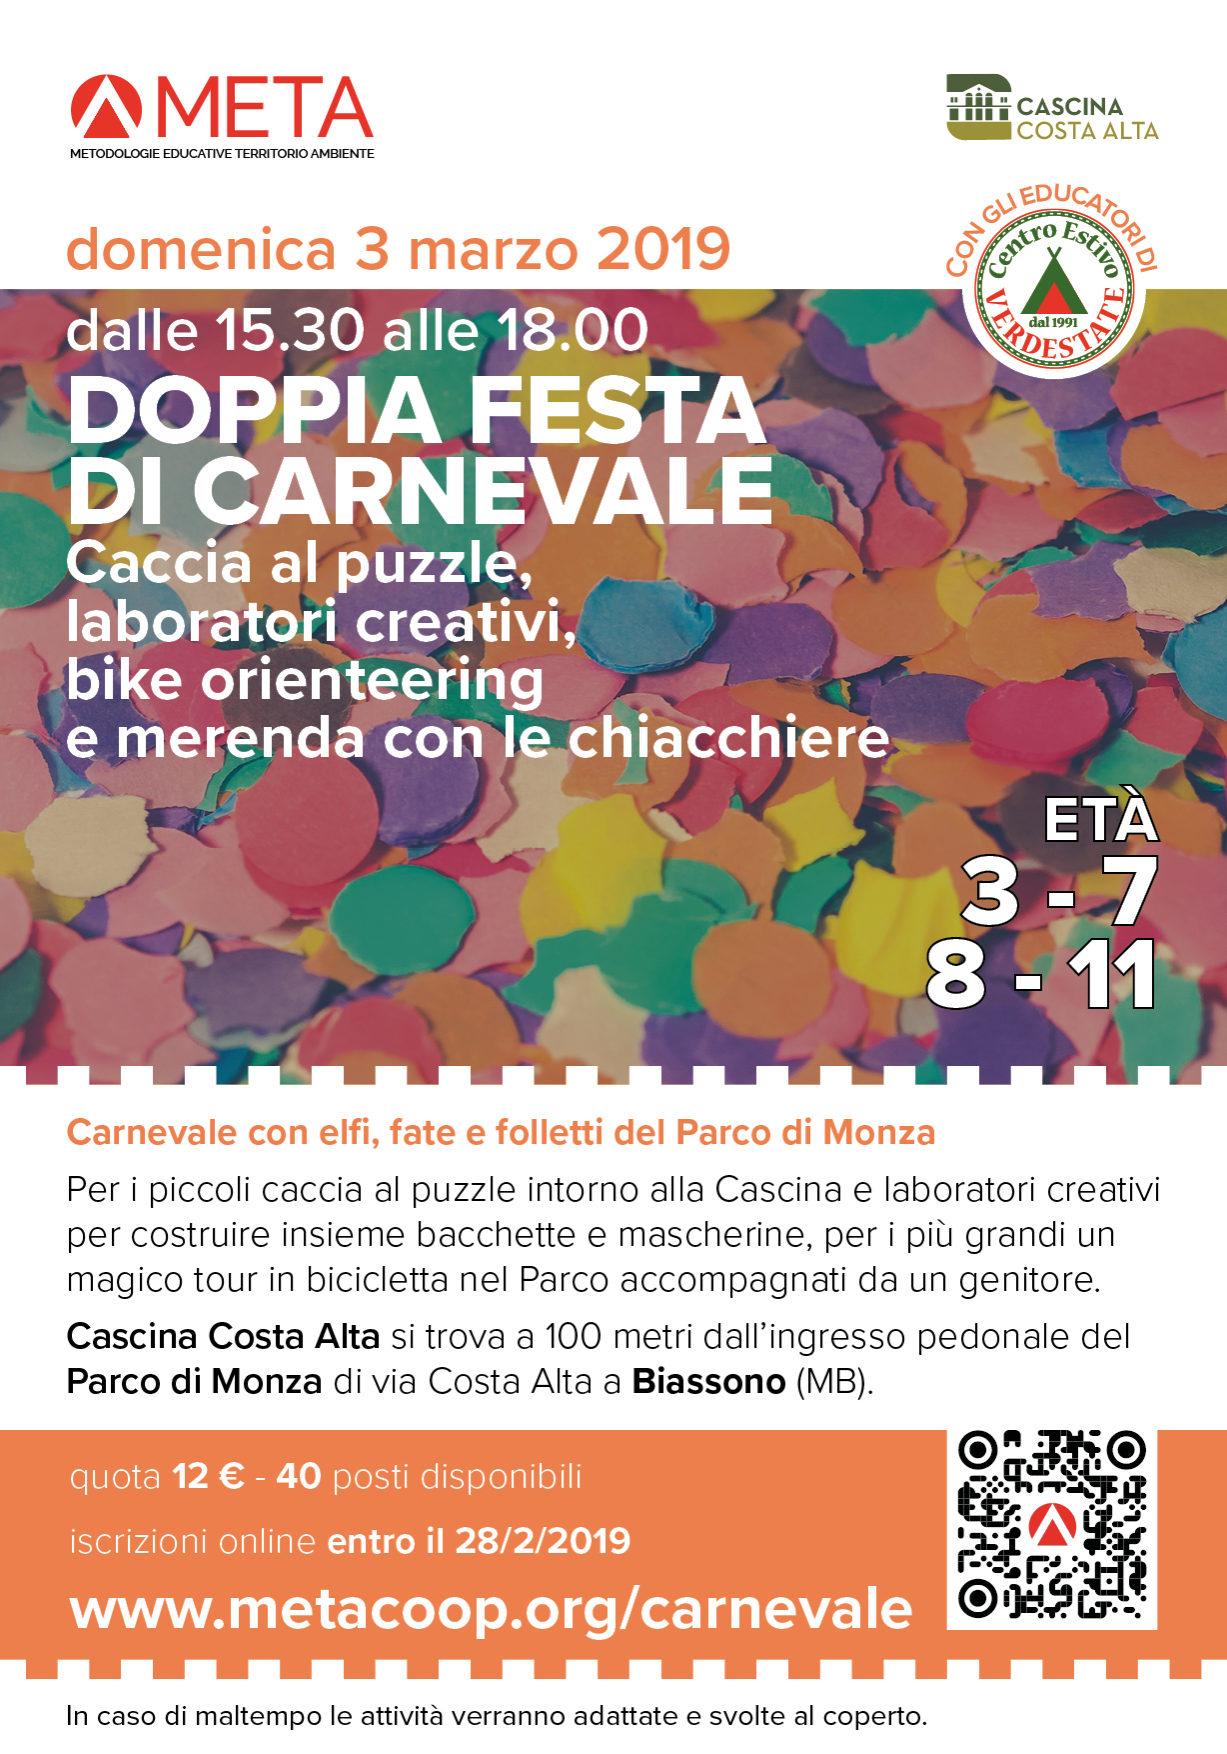 Carnevale 3 marzo 2019